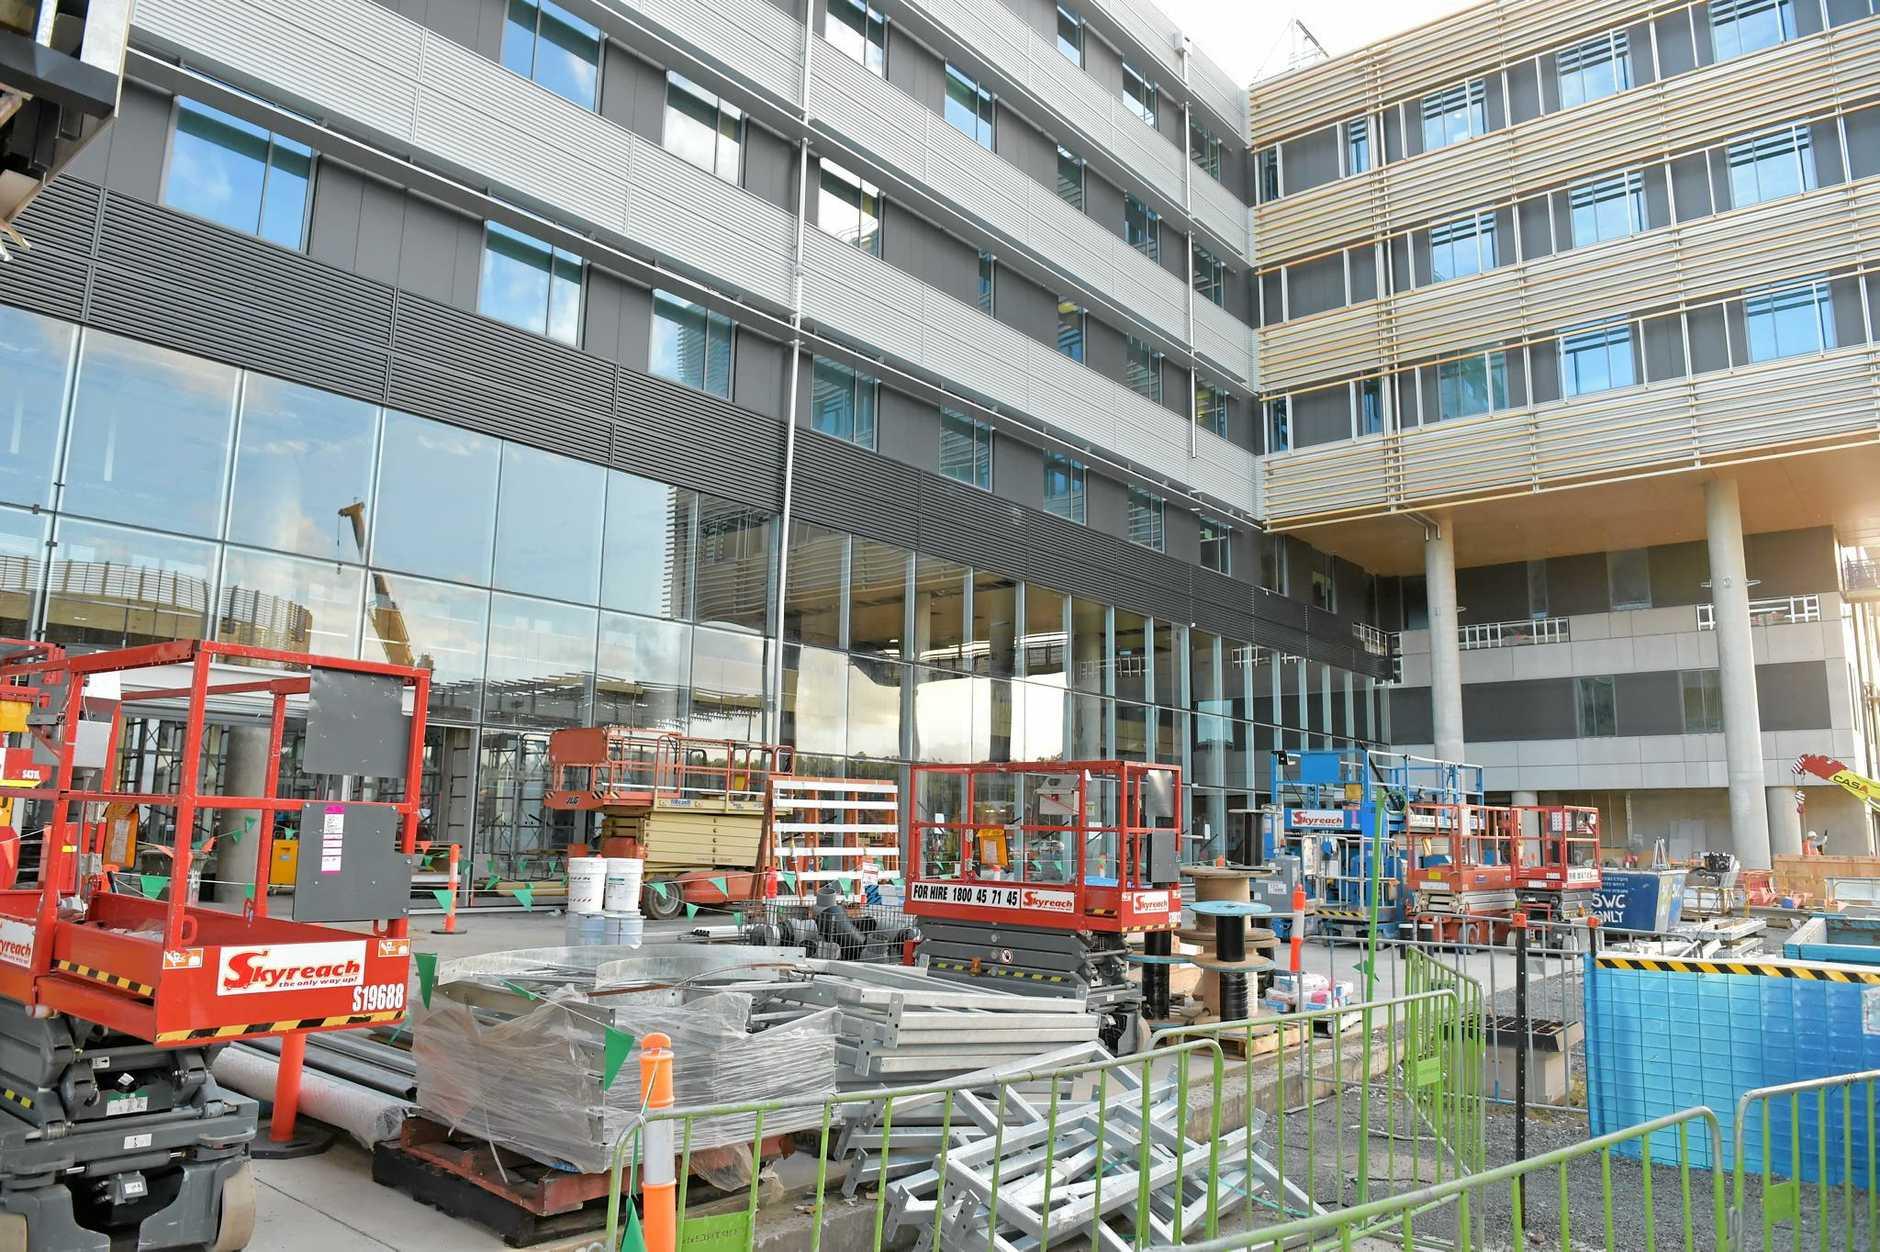 Sunshine Coast University Public Hospital under construction. Photo: Warren Lynam / Sunshine Coast Daily